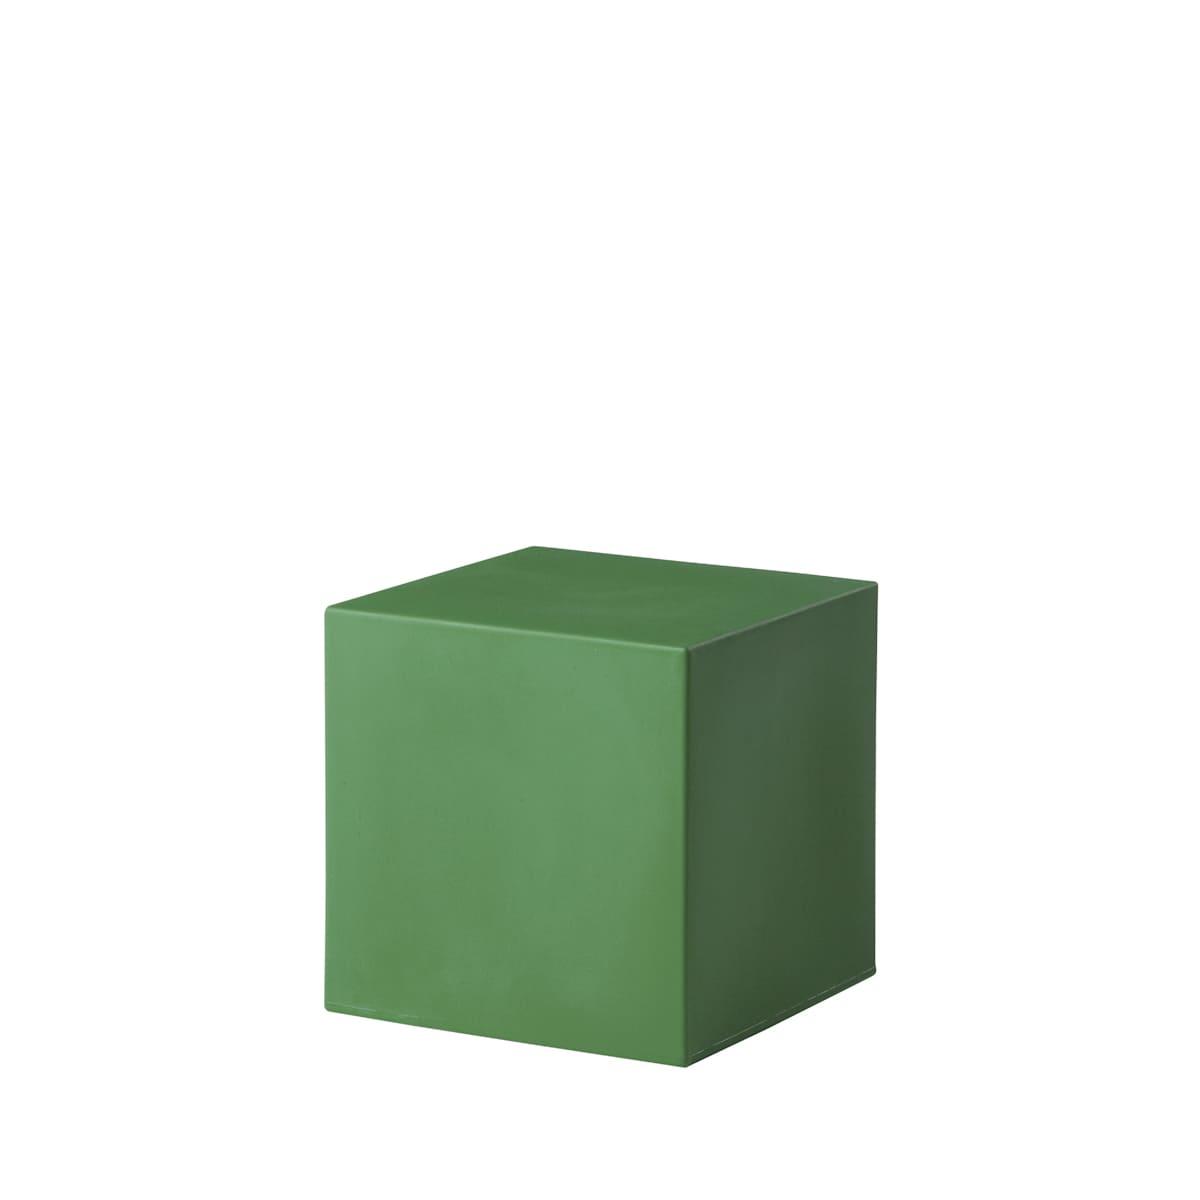 Grüne cube würfel Bunte Wuerfel Outdoor - Cube Würfel beleuchtet